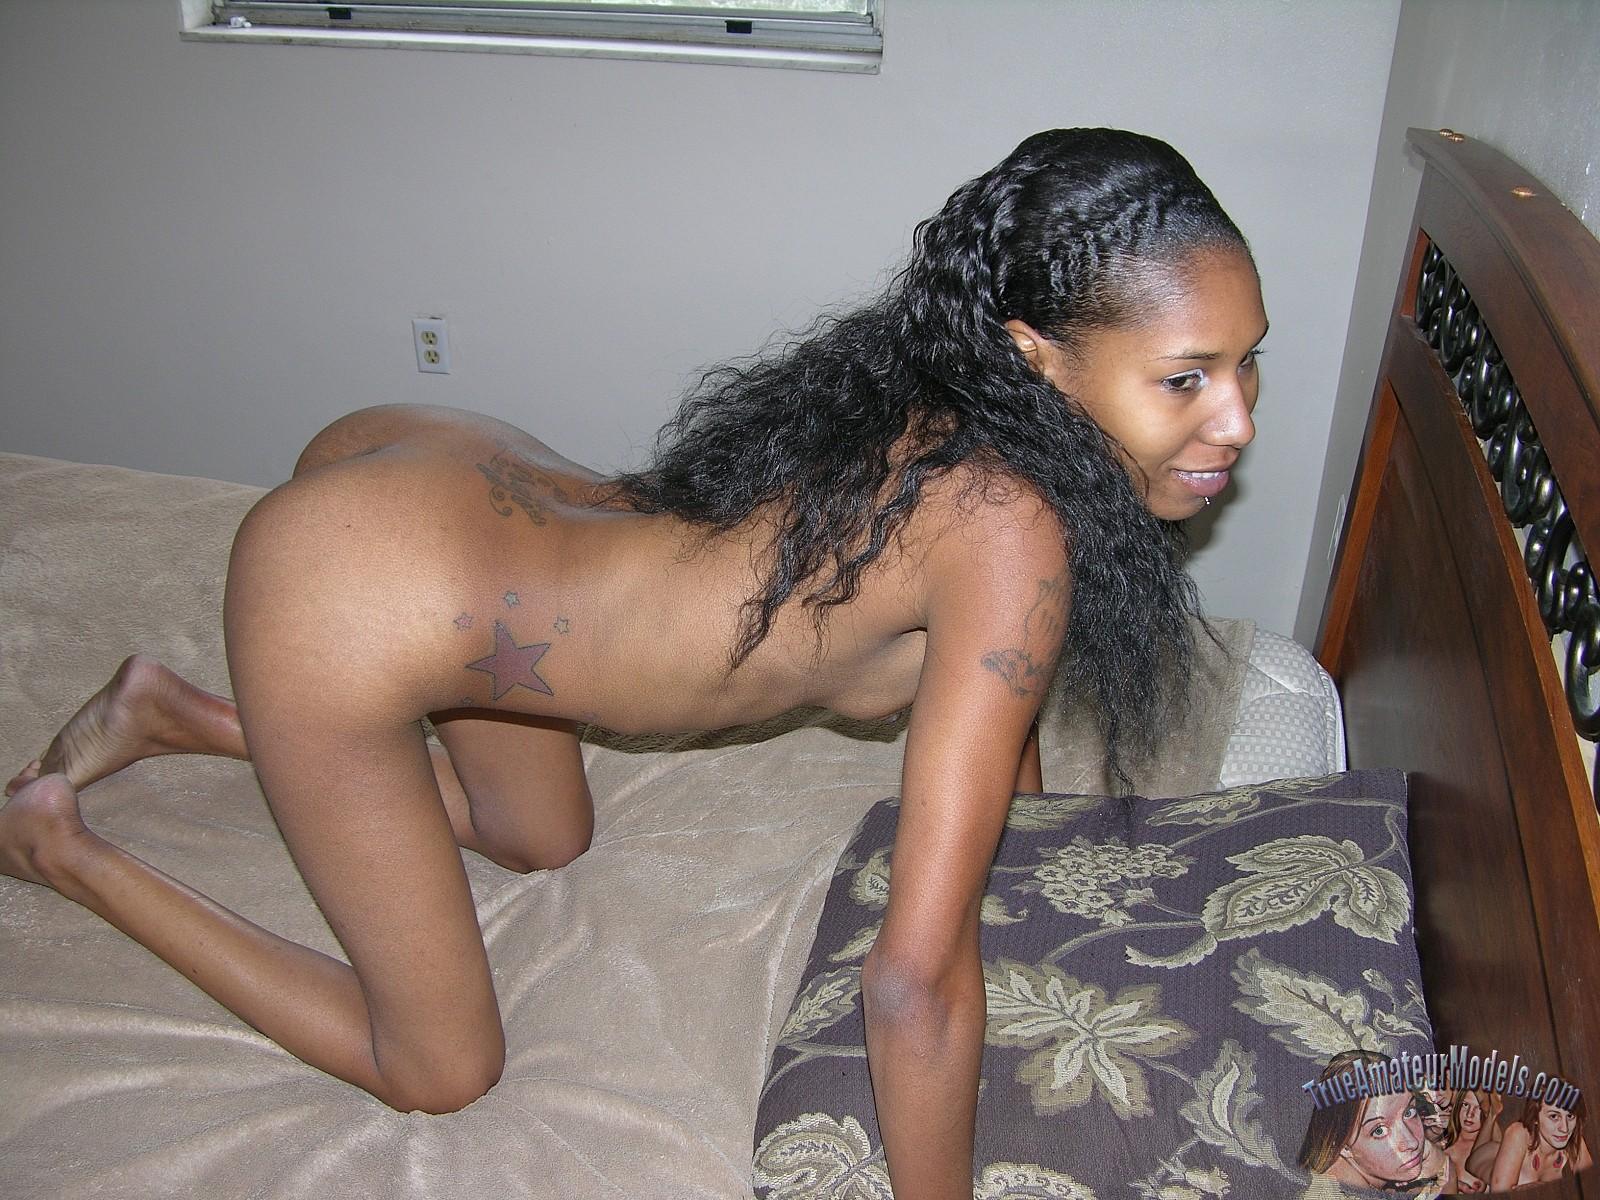 minato gay naked